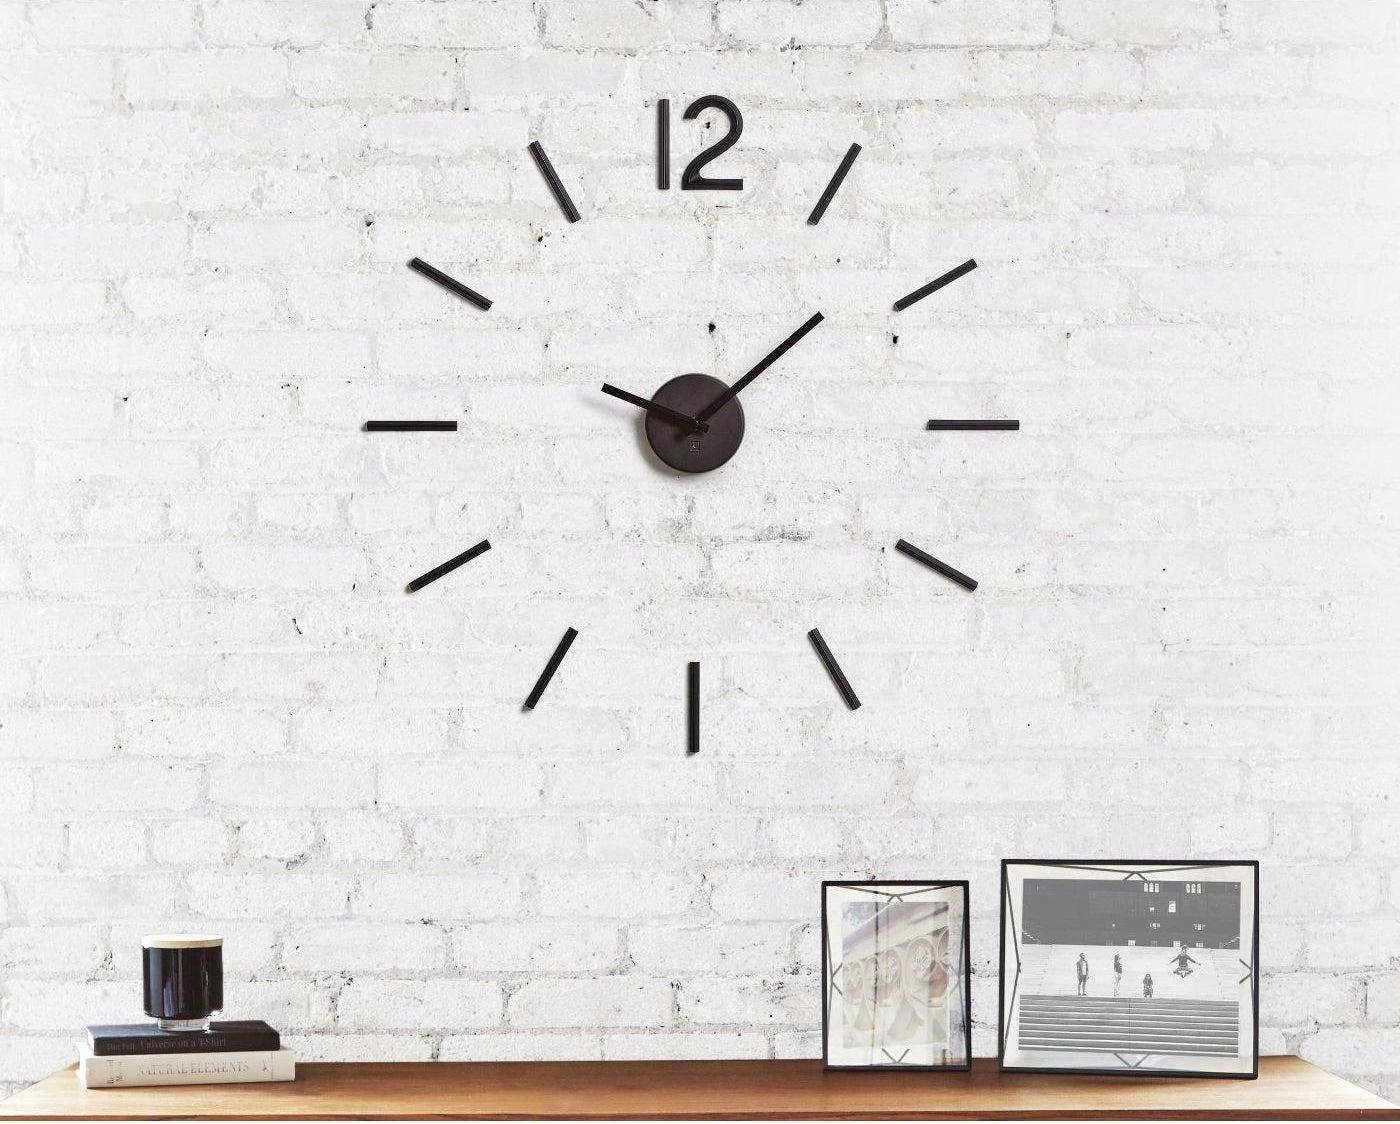 A modern black clock in a home